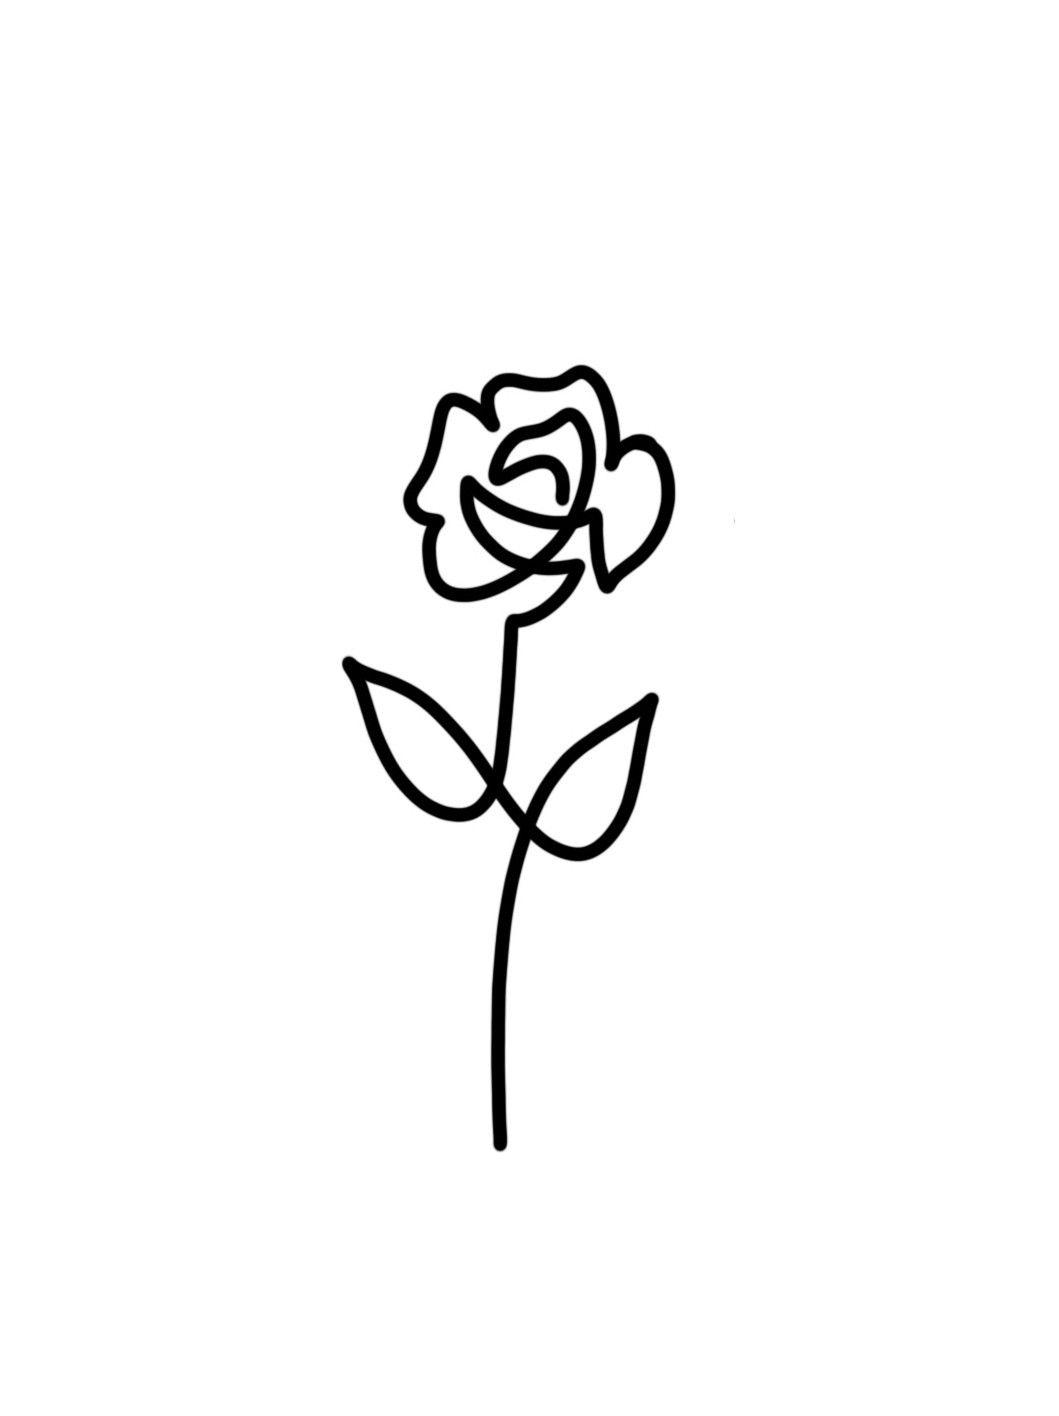 1059x1416 Simple Rose Tattoo Temp Tattoo Ideas Rose Drawing Tattoo